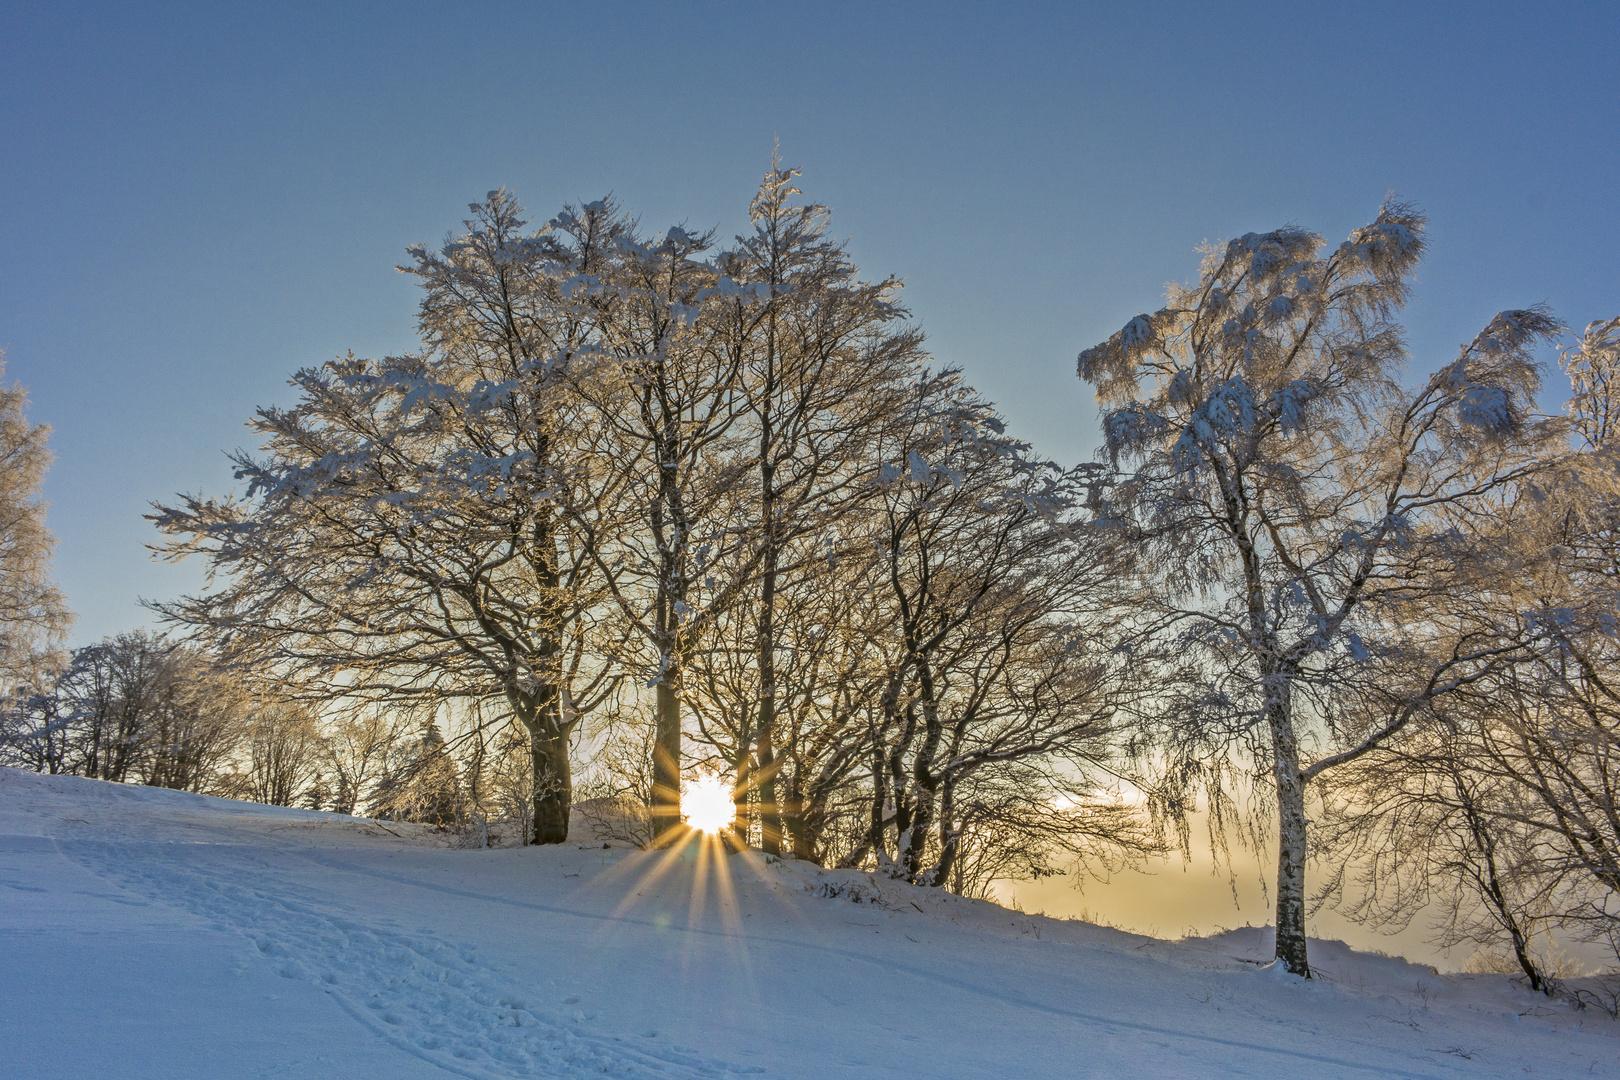 winterlandschaft foto amp bild jahreszeiten winter